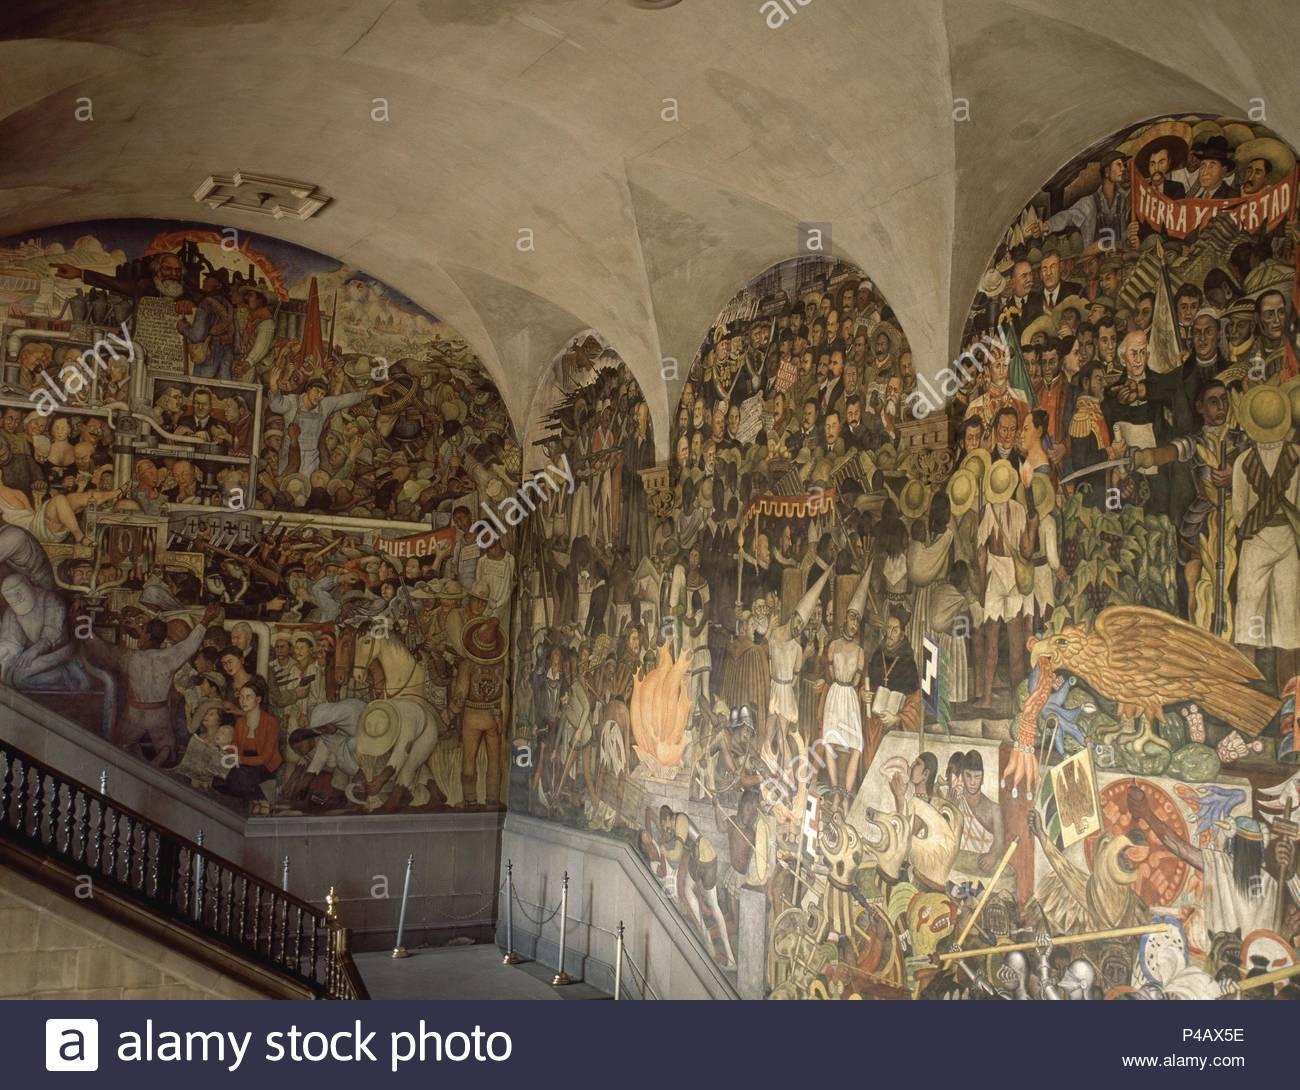 Escalera Principal Pinturas Murales De La Historia De Mexico